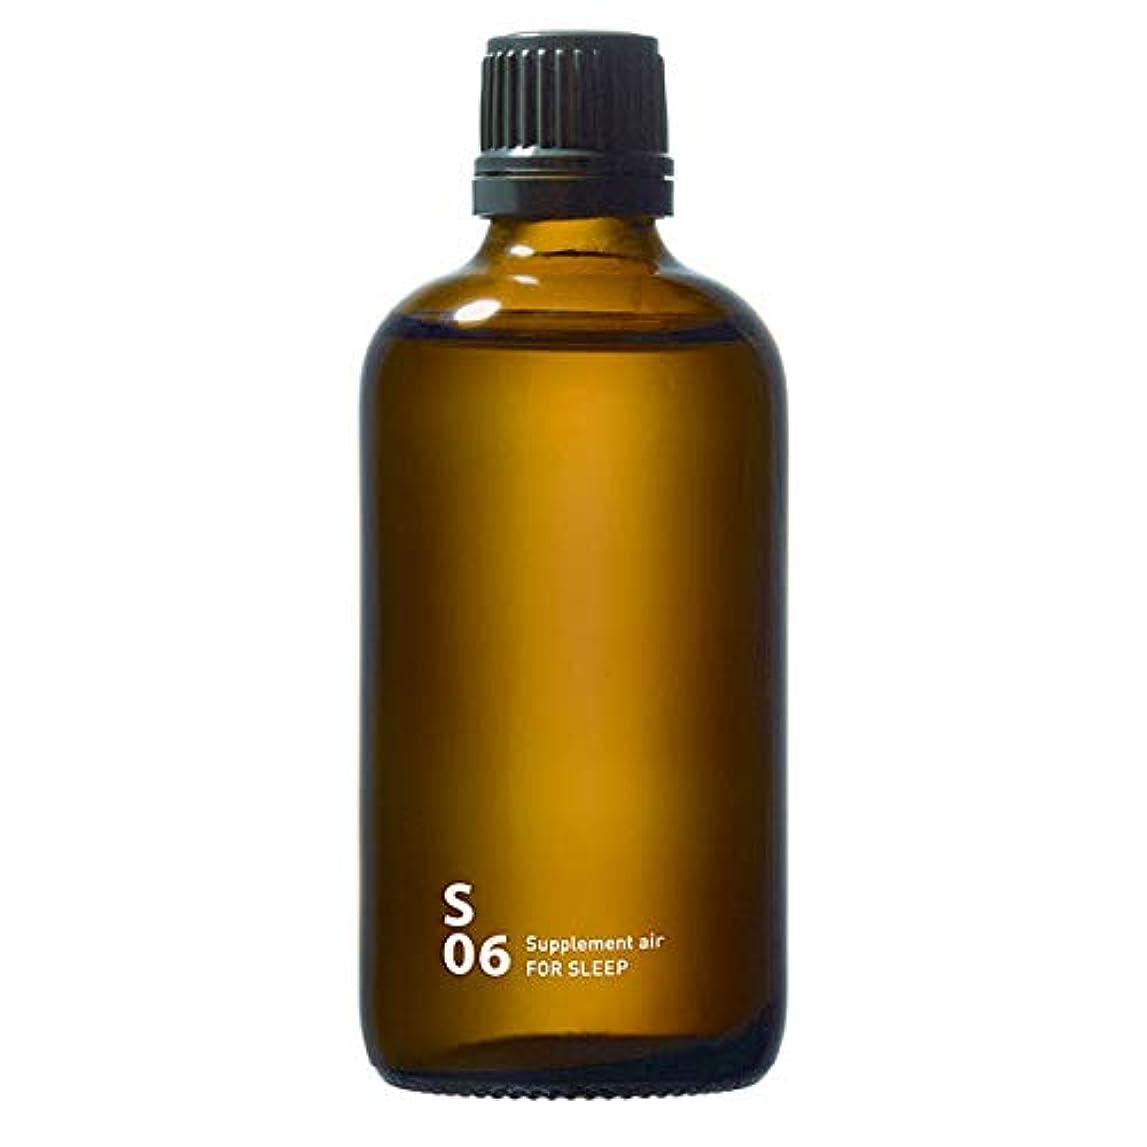 談話縮約口述するS06 FOR SLEEP piezo aroma oil 100ml